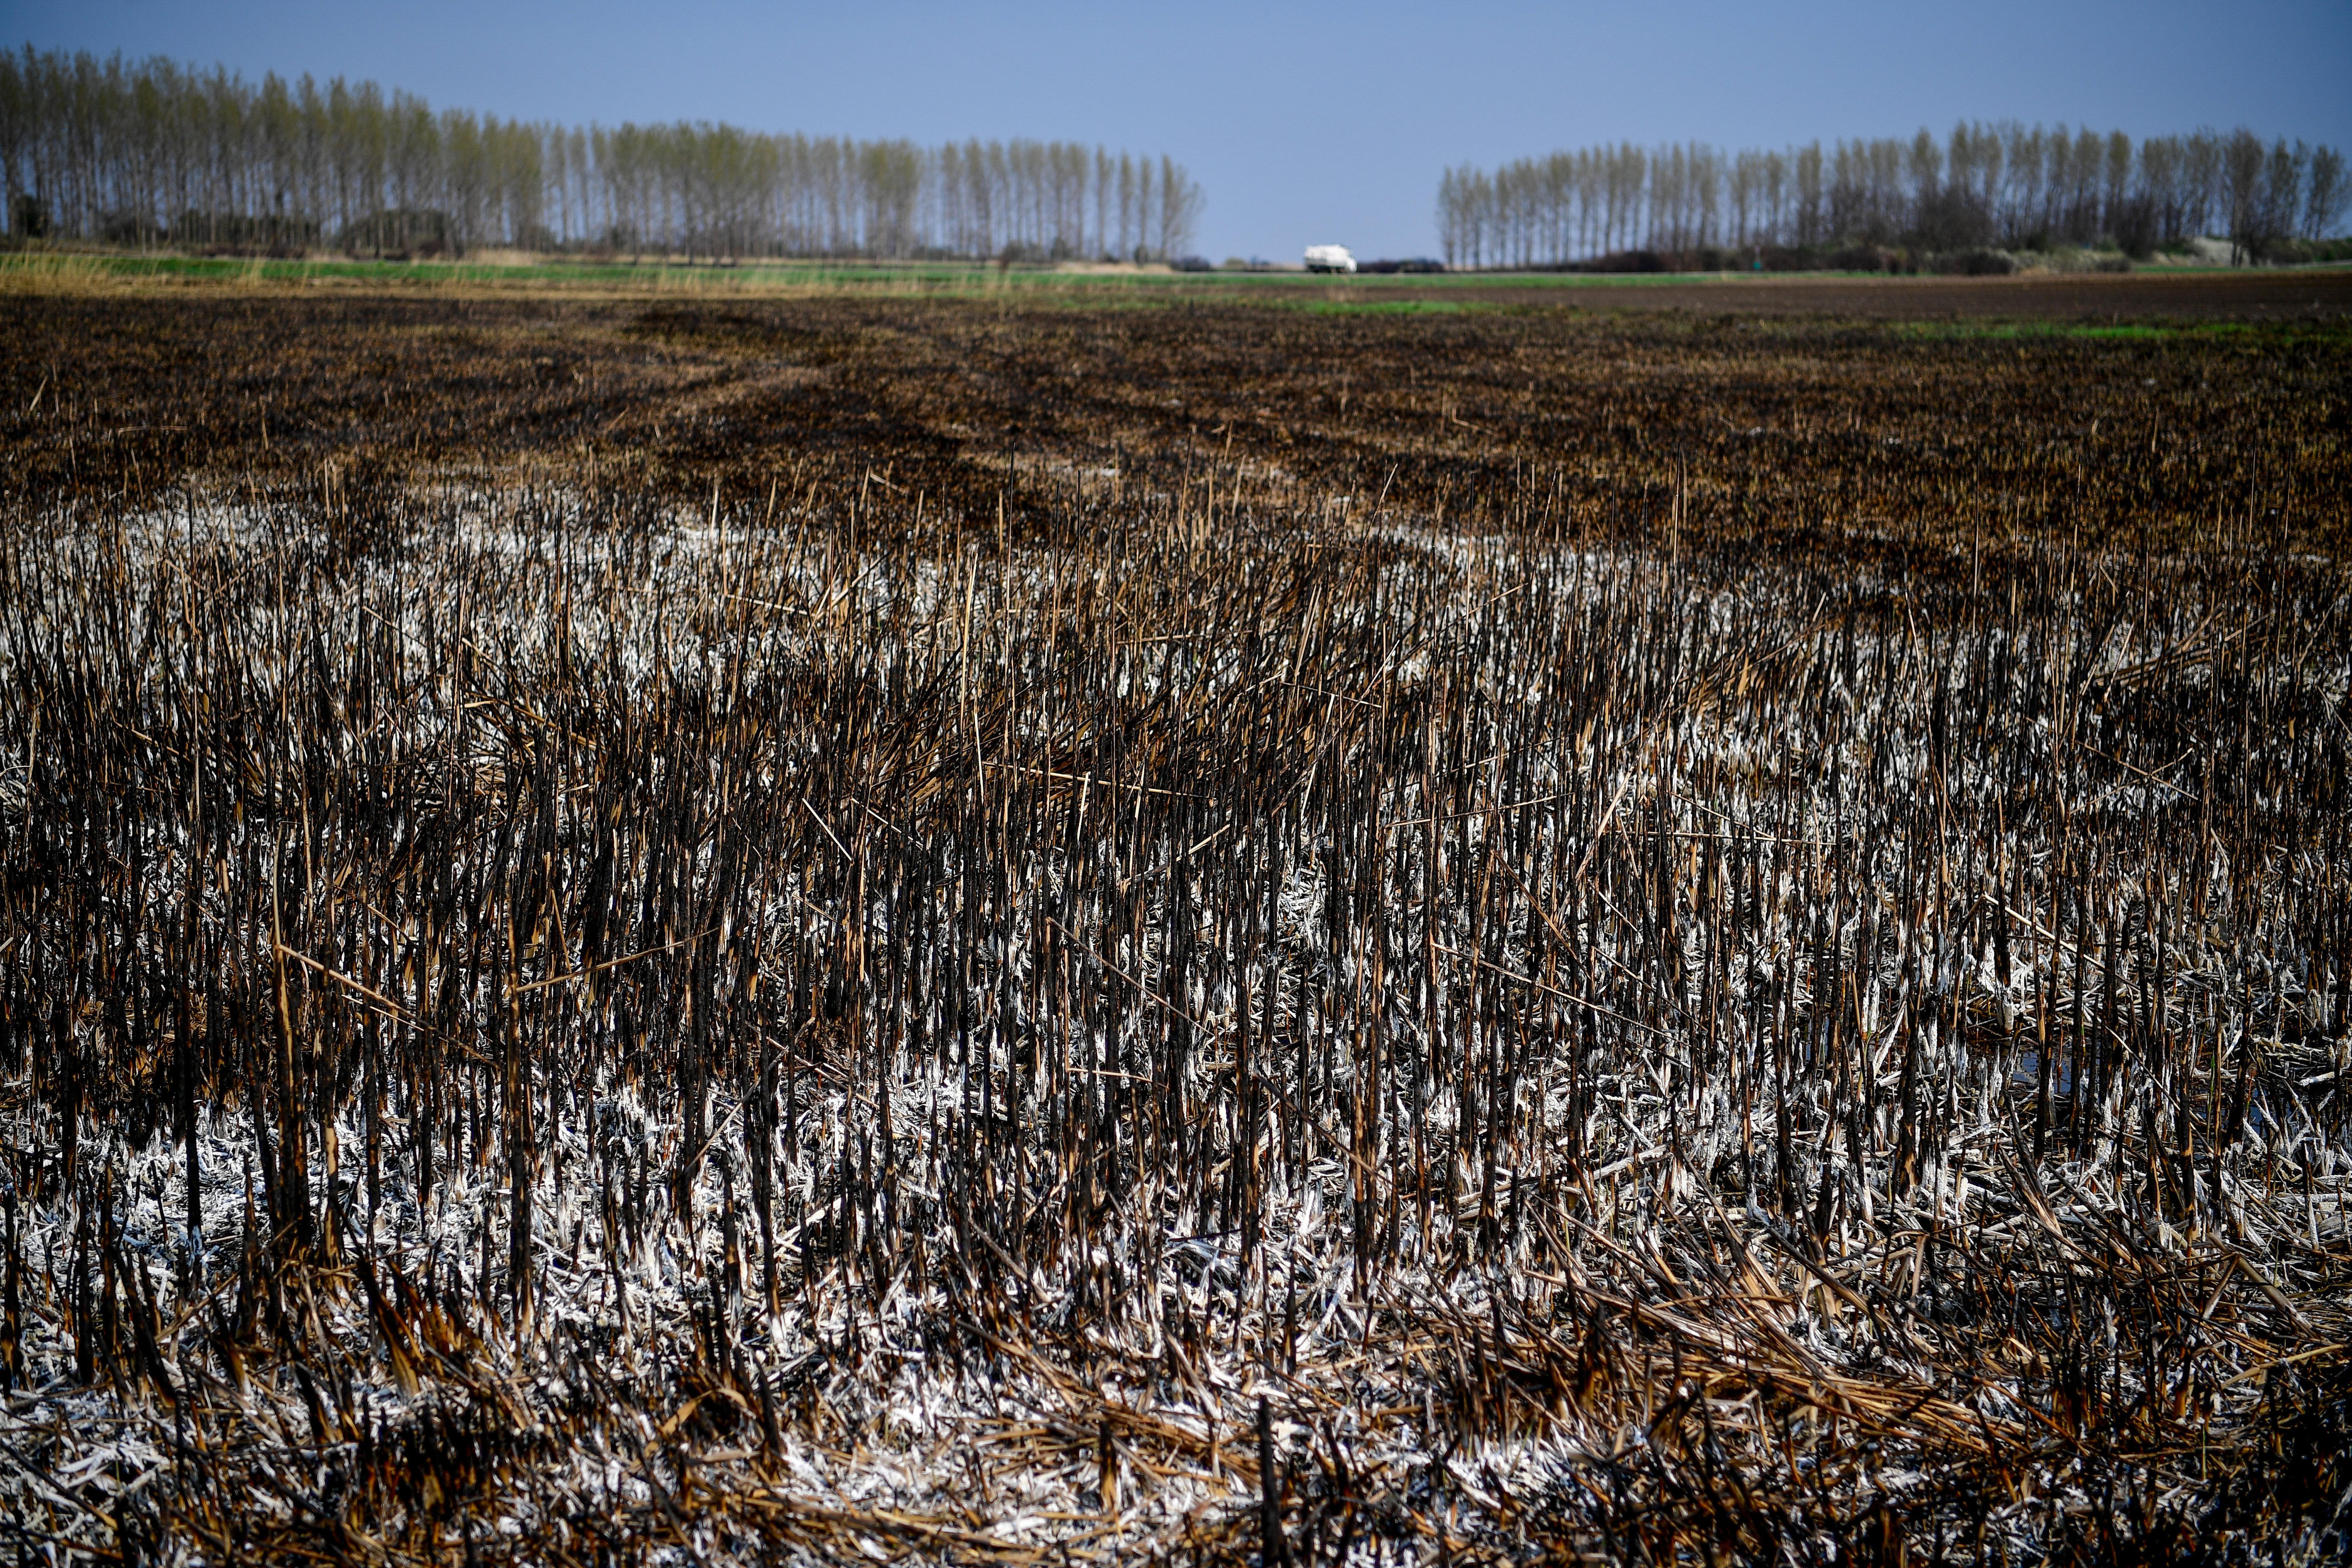 Legalább a kalászos gabona 30 százaléka kárba veszhetett az aszály miatt